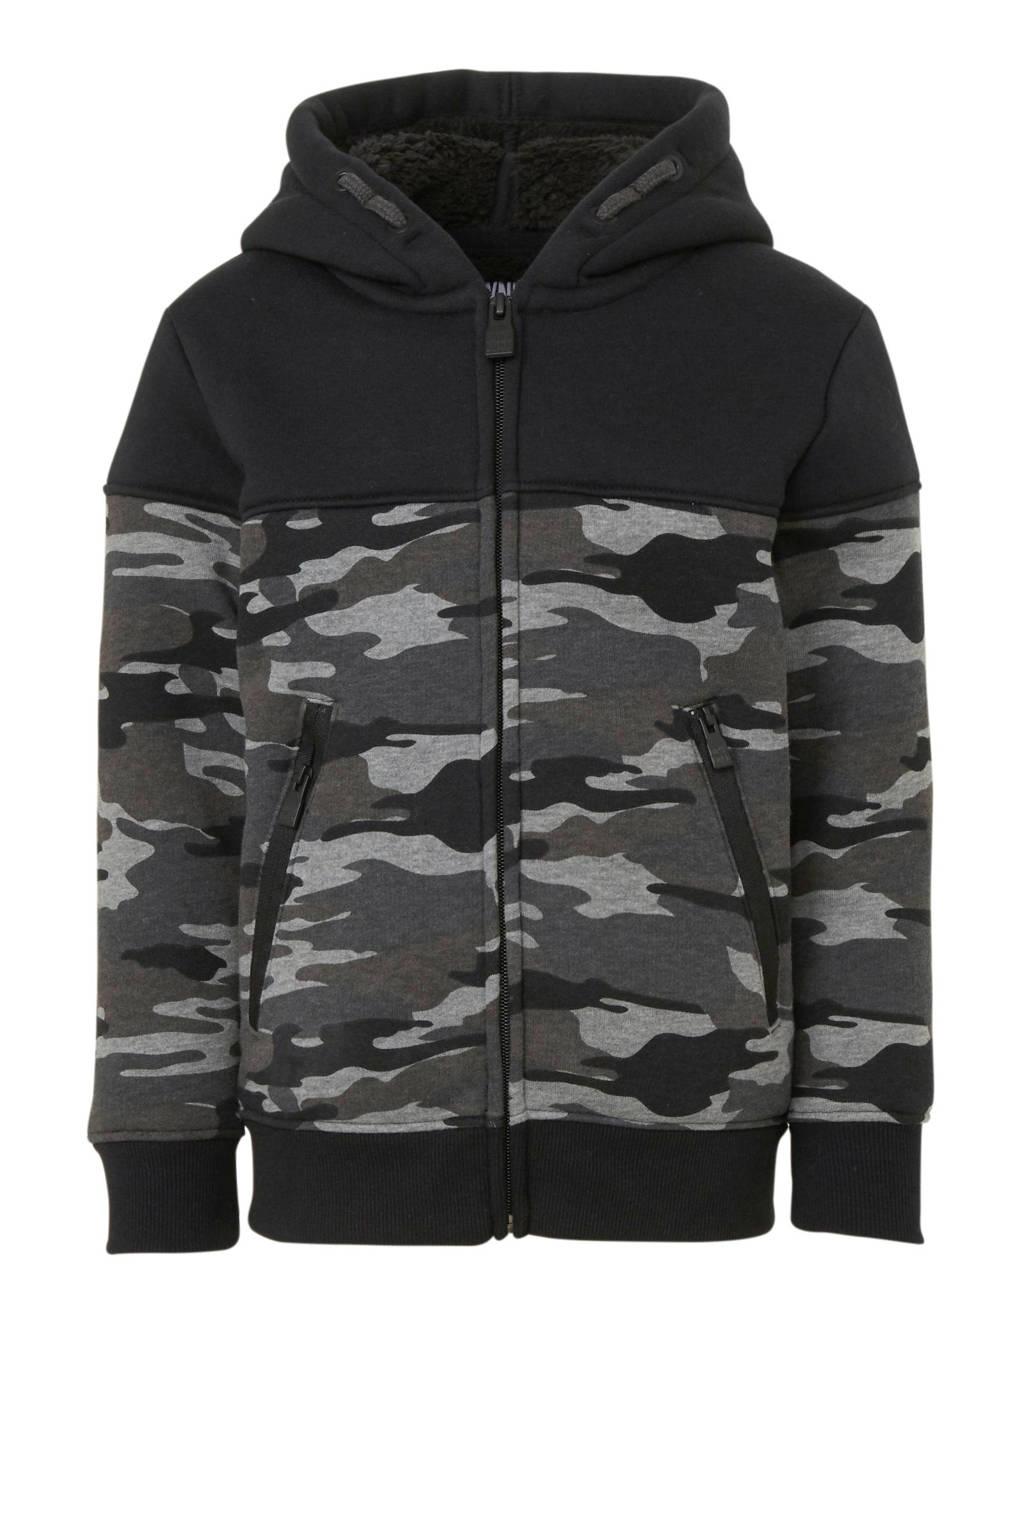 C&A Here & There vest met camouflageprint zwart/grijs, Zwart/grijs